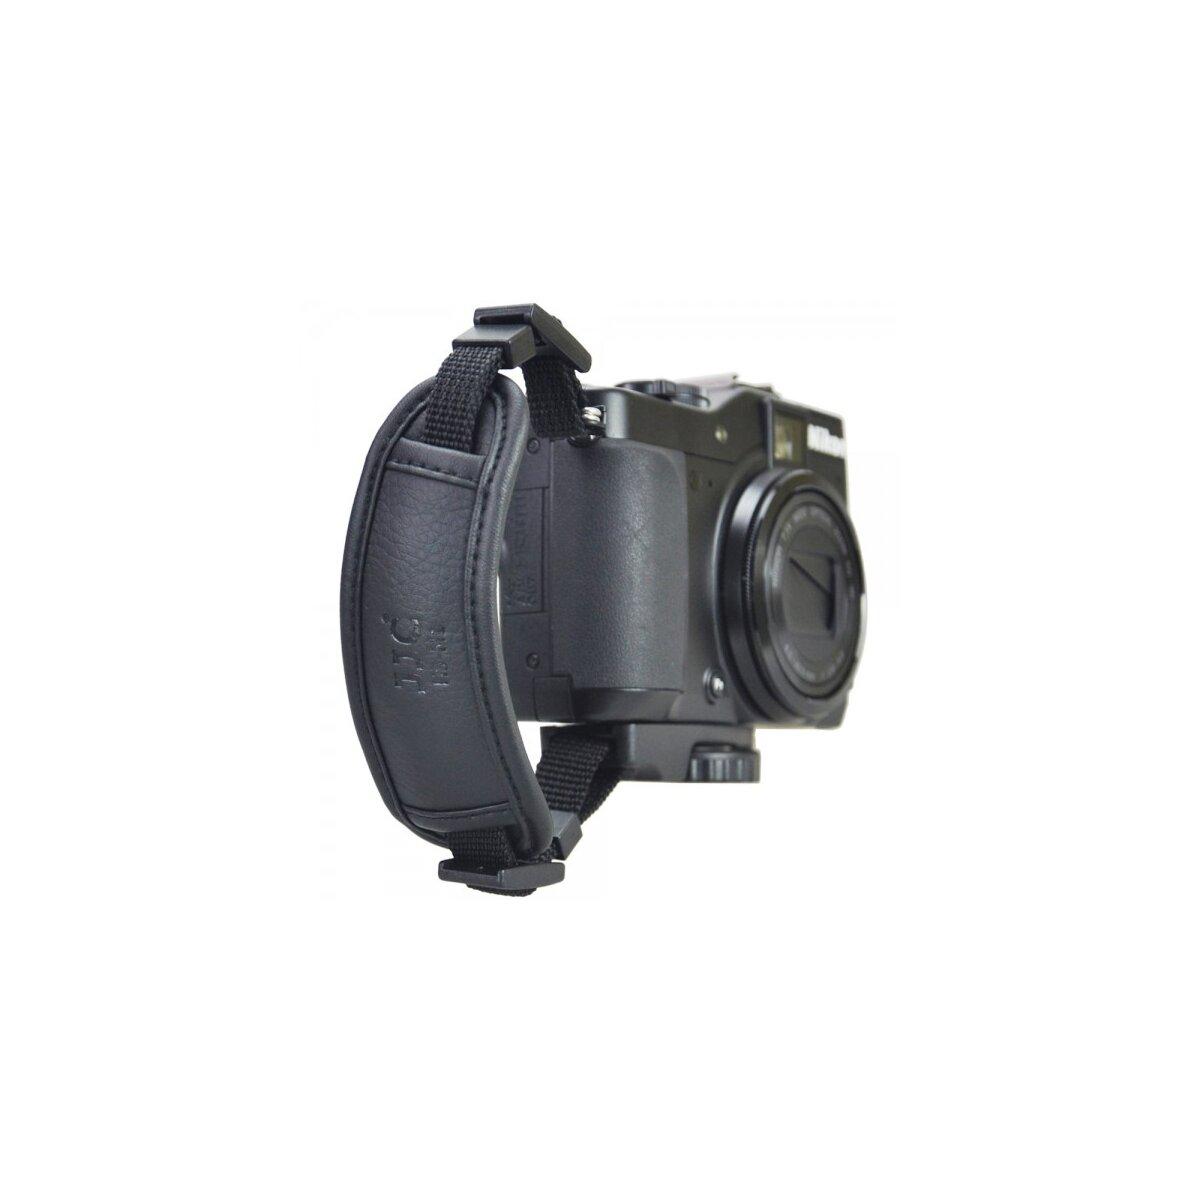 JJC Kamera-Handschlaufe aus hochwertigem Kunstleder kompatibel mit nahezu allen Kameras mit Stativgewinde